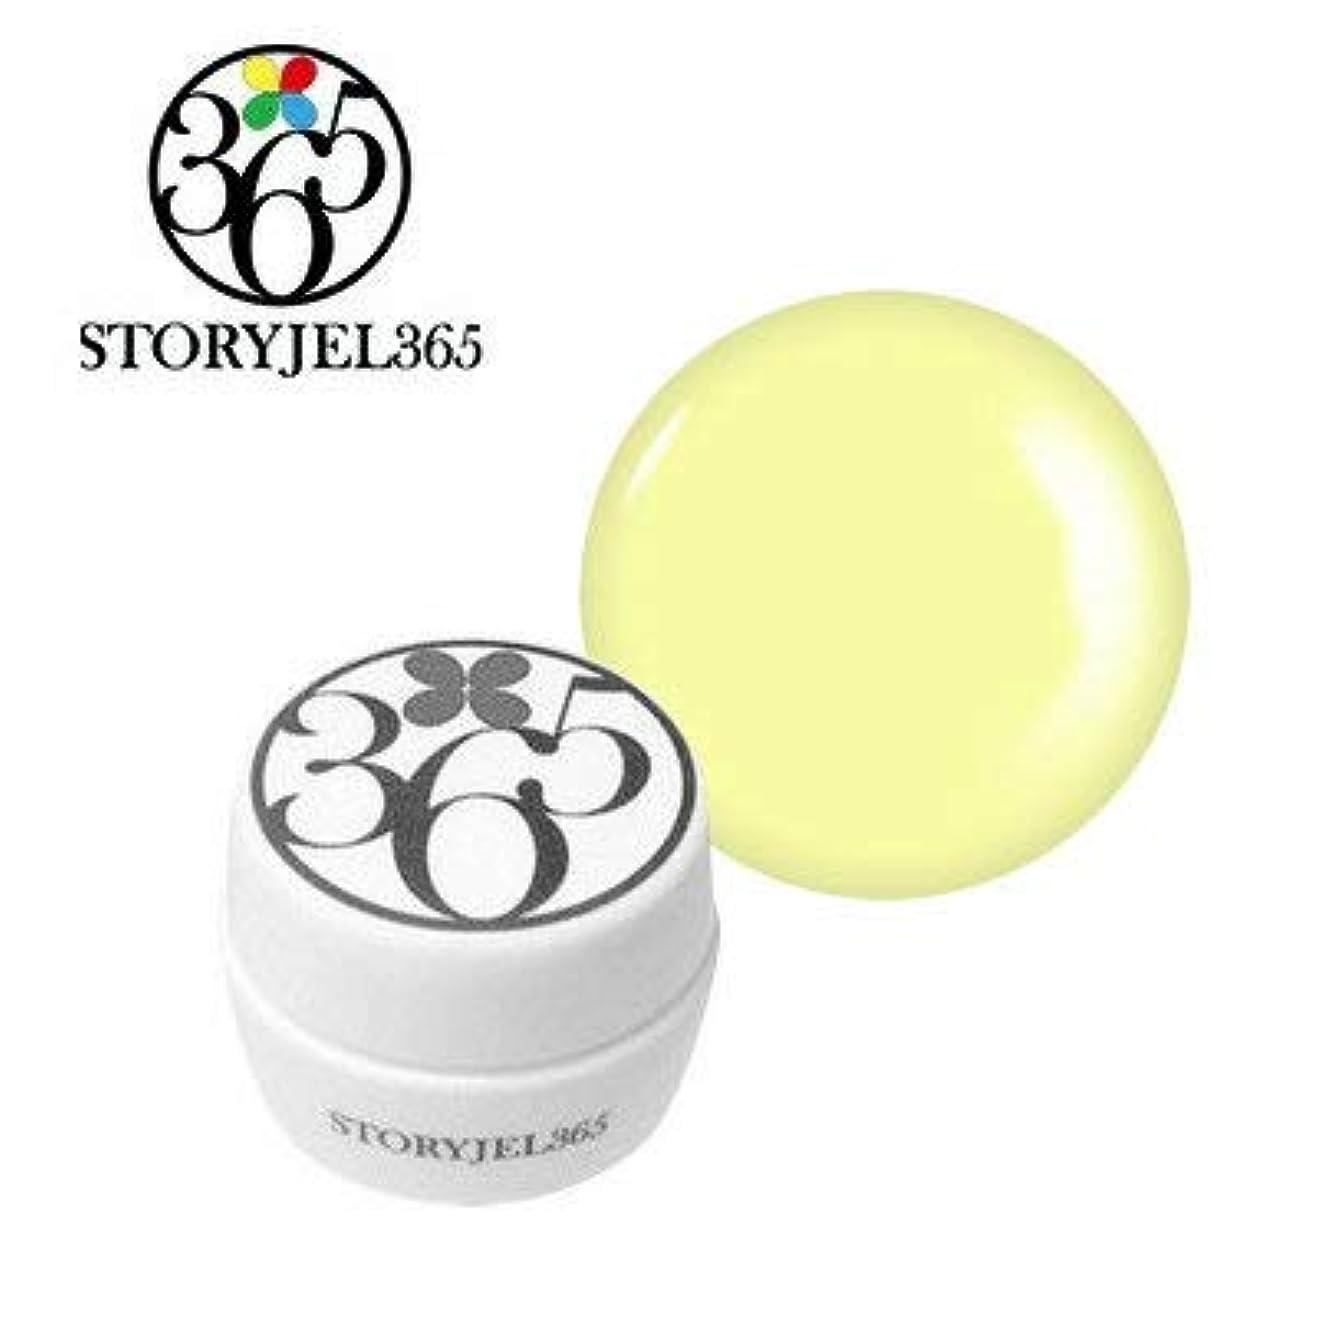 発音スカウト傾斜STORYJEL365 カラージェル 5g (ストーリージェル) SJS-303M-D シトロンクリーム